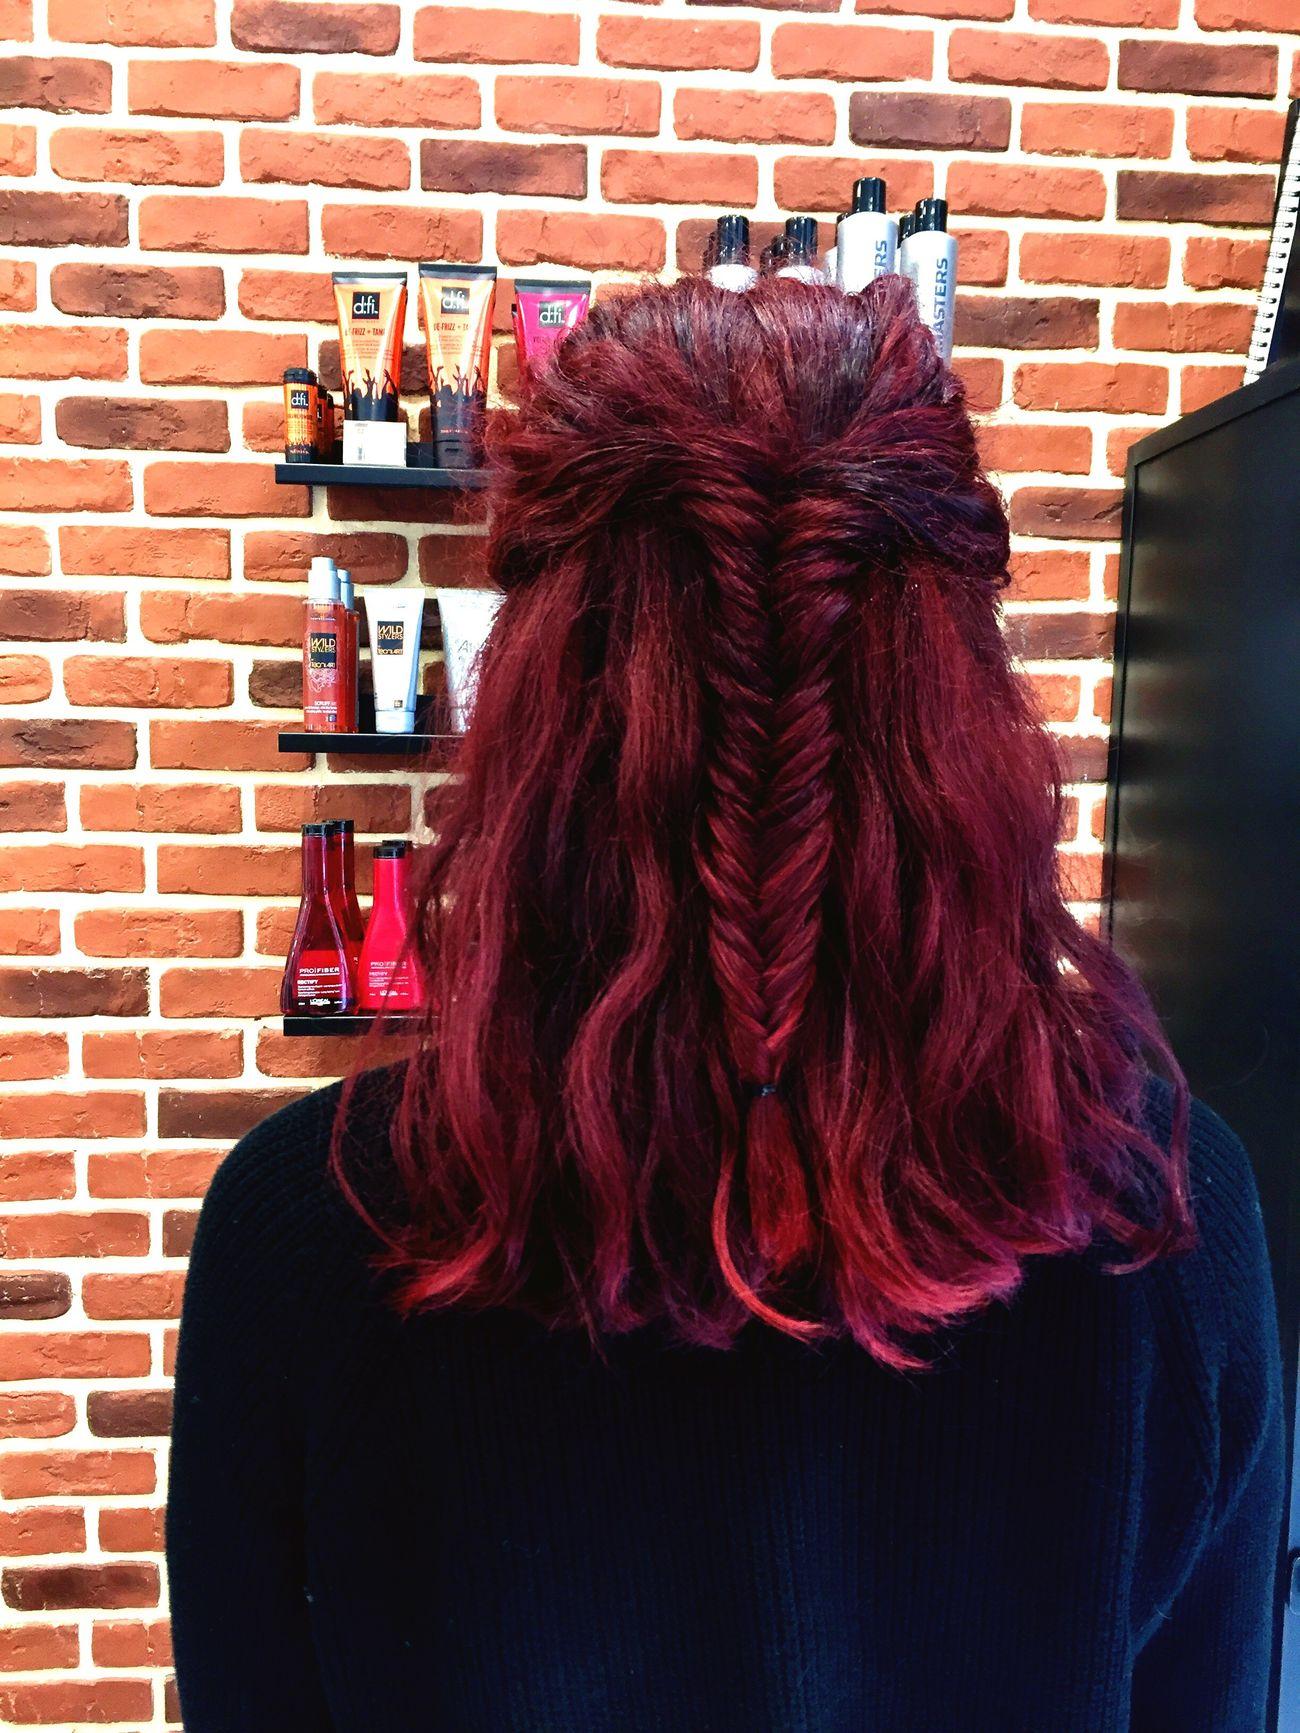 Kris tressée Brick Wall Braided Hair Red Hair